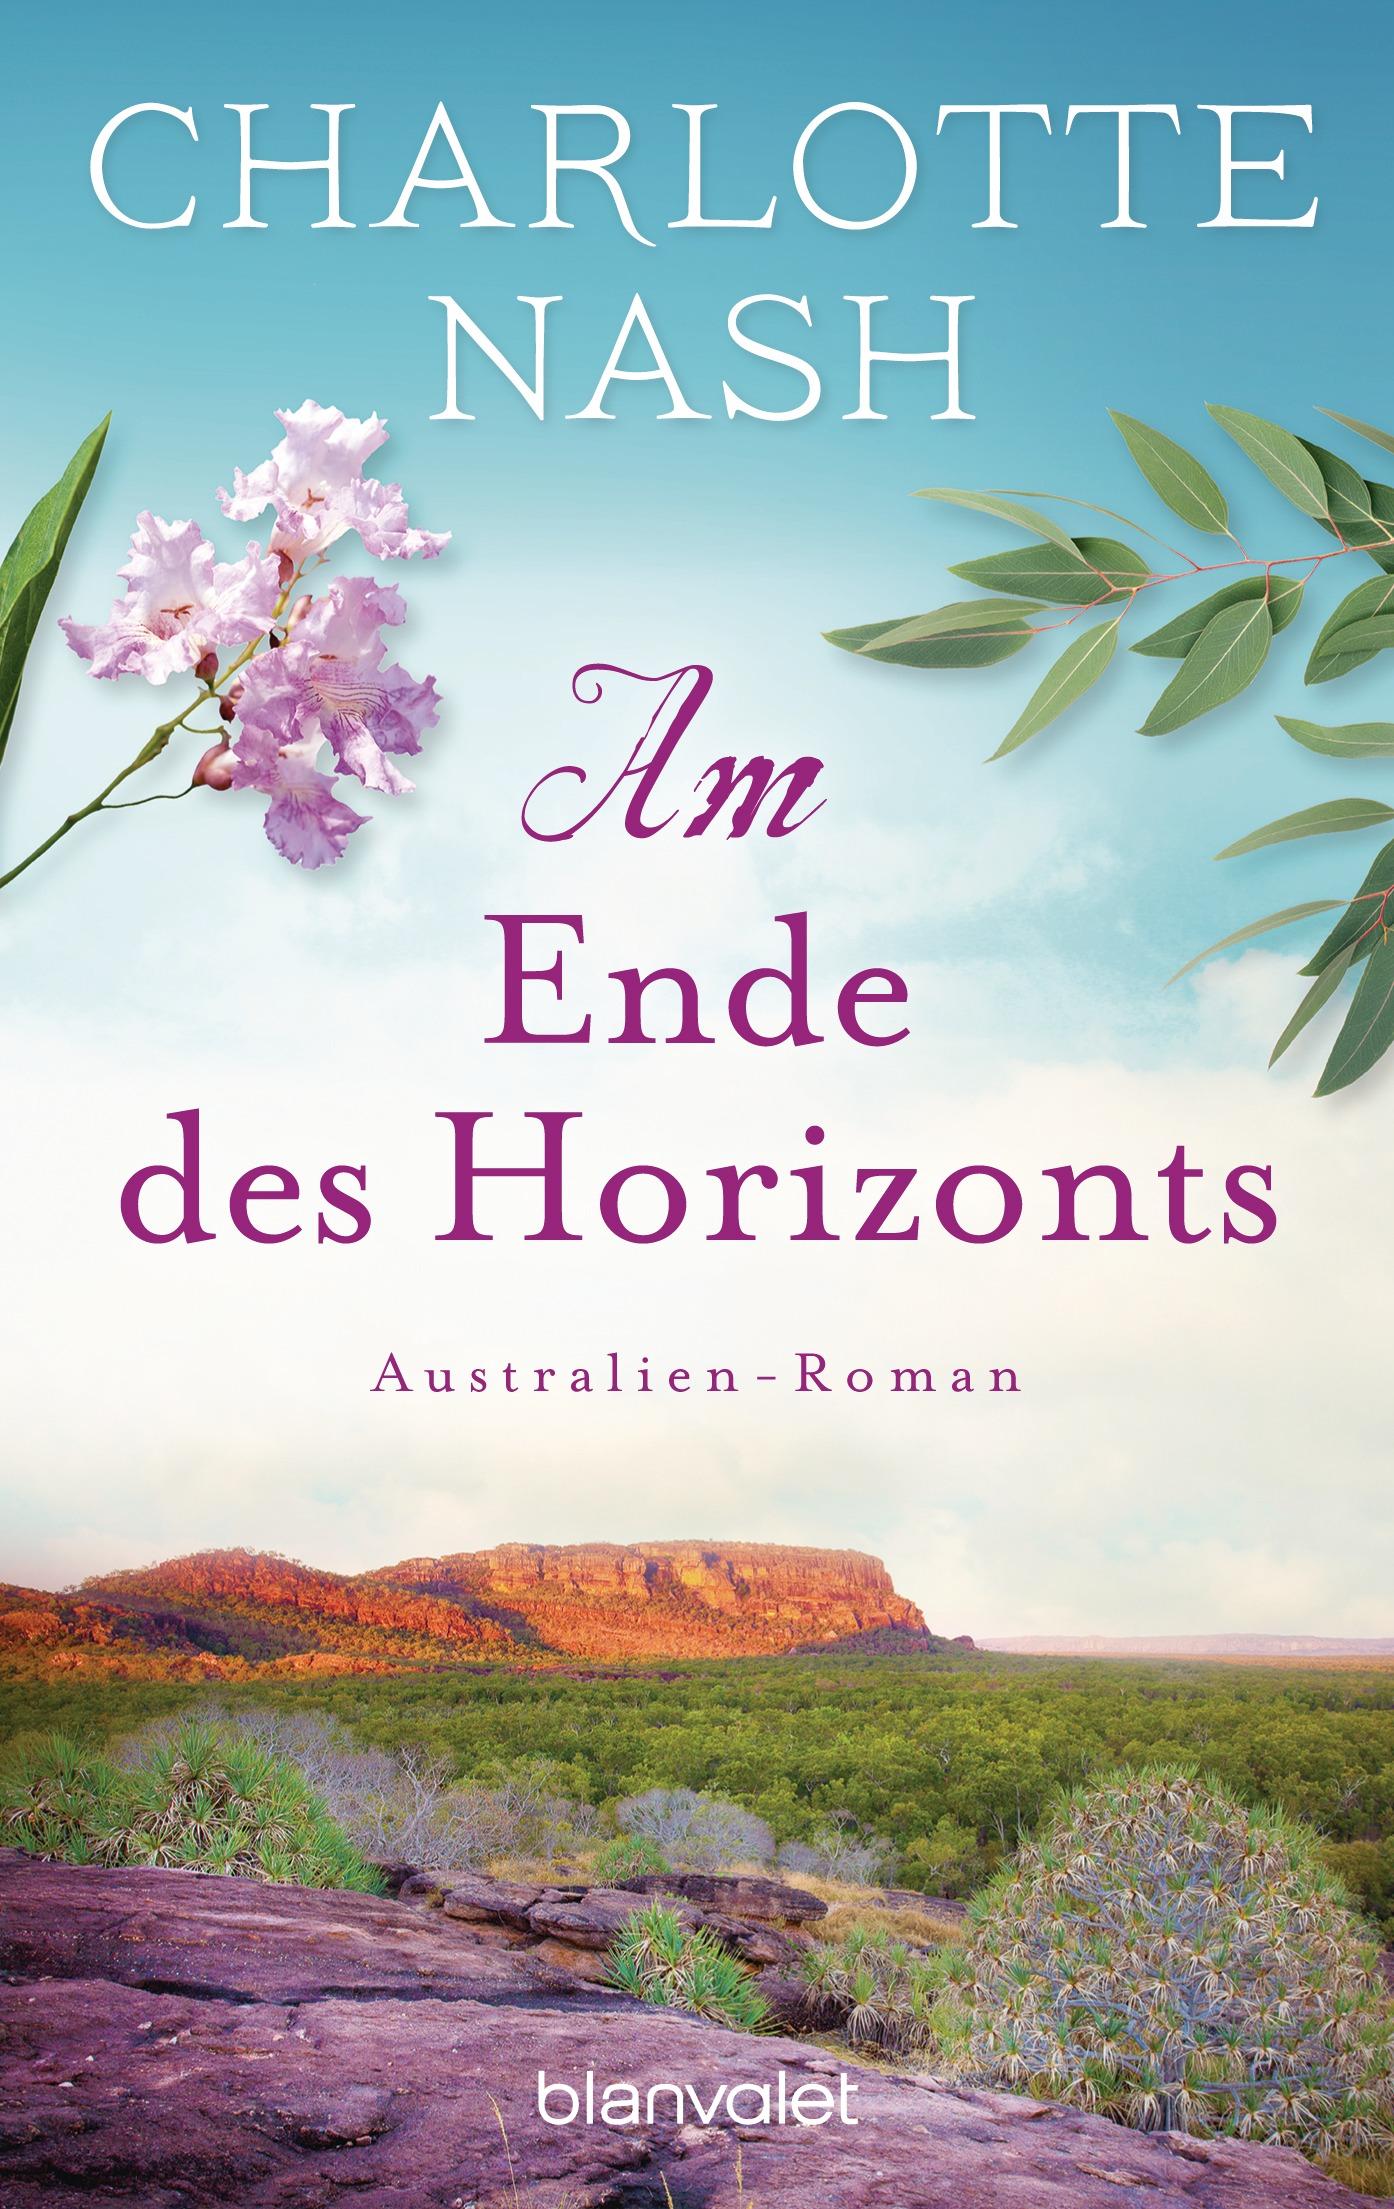 Am Ende des Horizonts: Australien-Roman - Nash, Charlotte